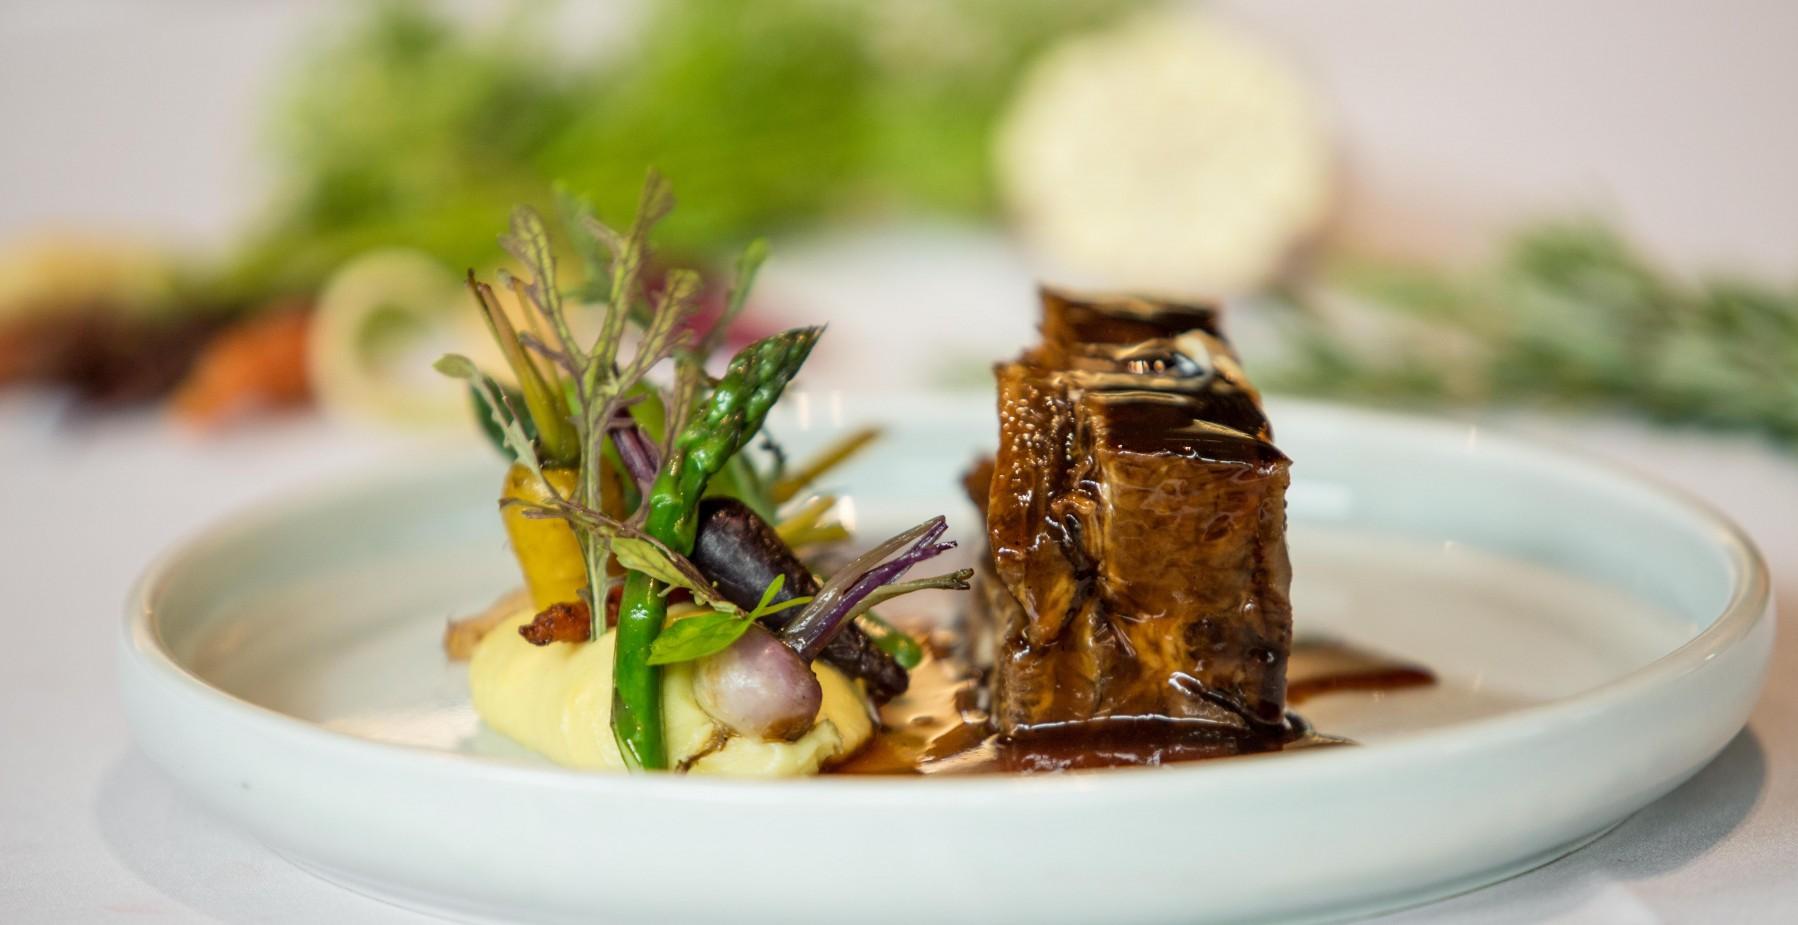 Sofitel-Sydney-Darling-Harbour-Culinary-5d.jpg